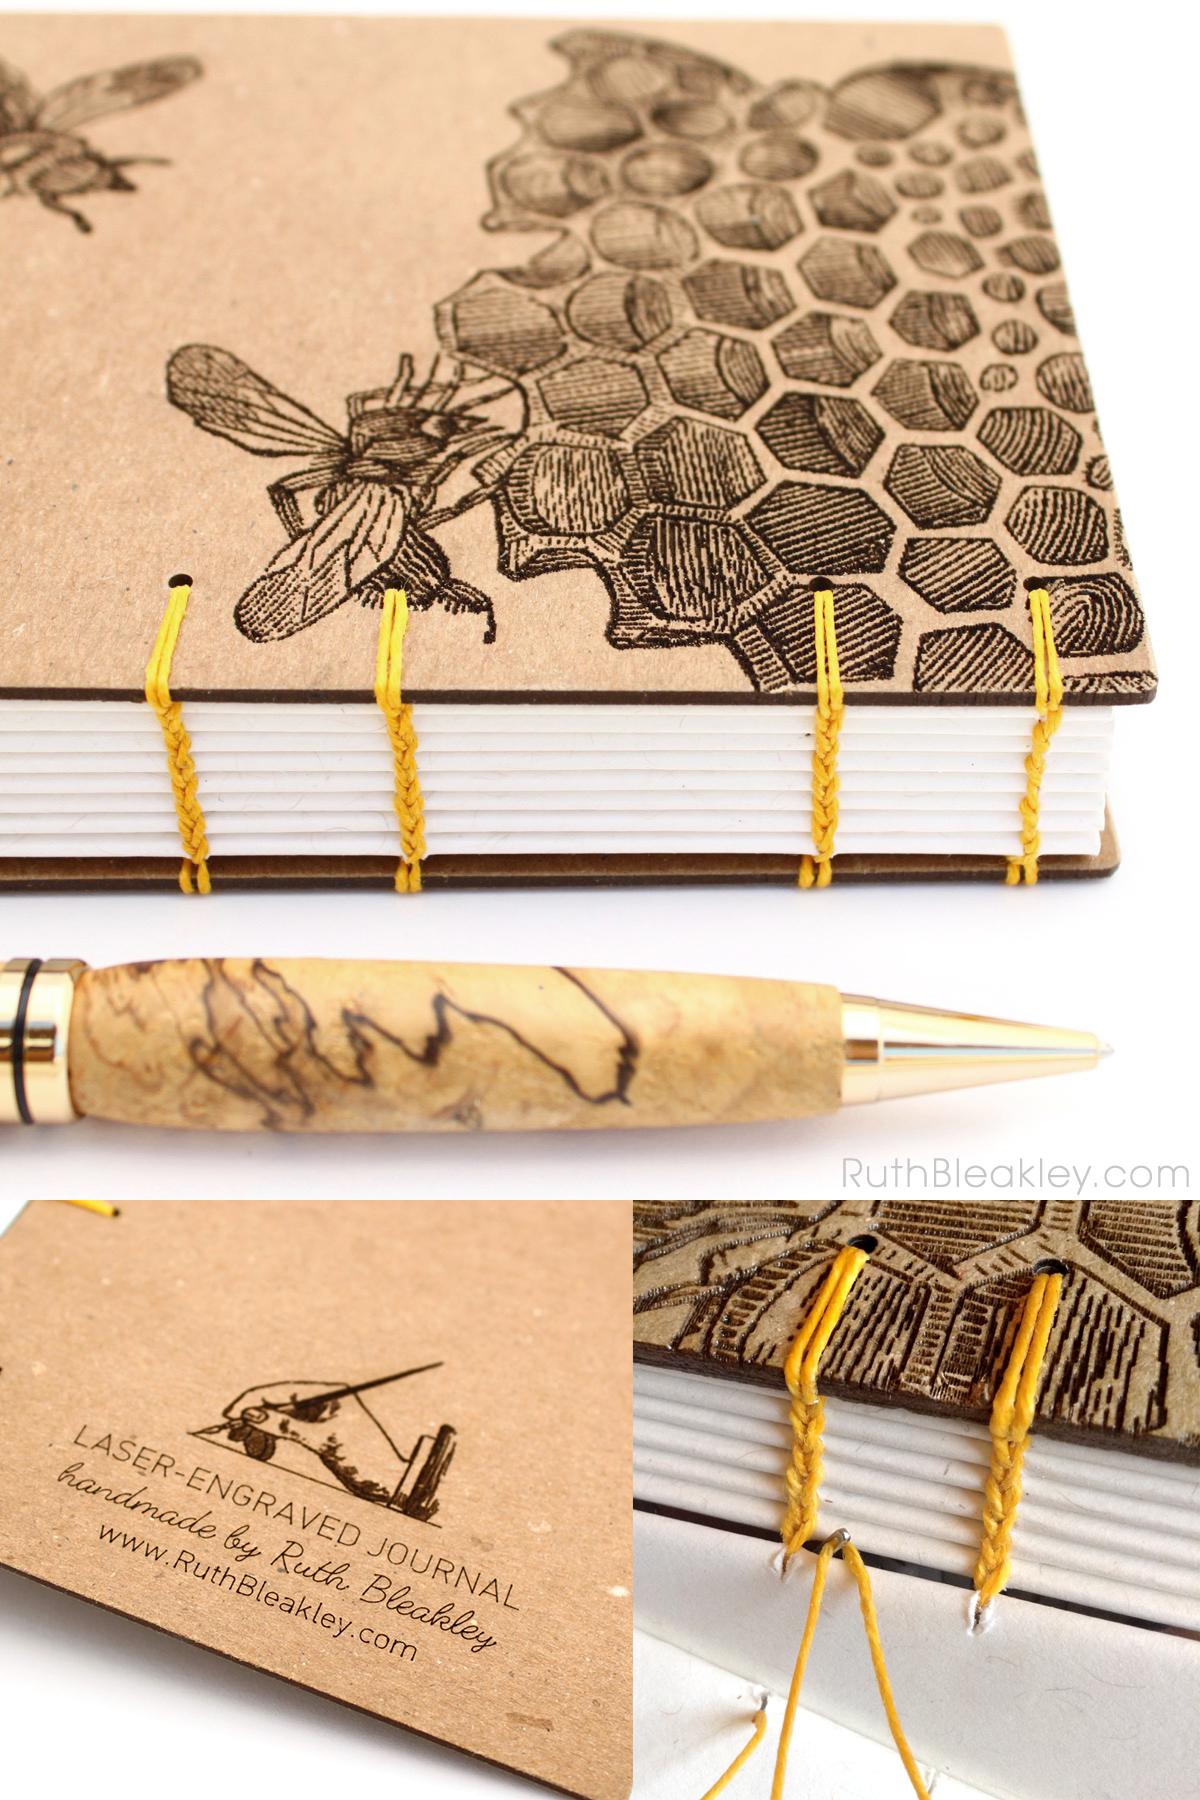 Beekeeper Gift - Unlined Honeybee Journal handmade by Ruth Bleakley